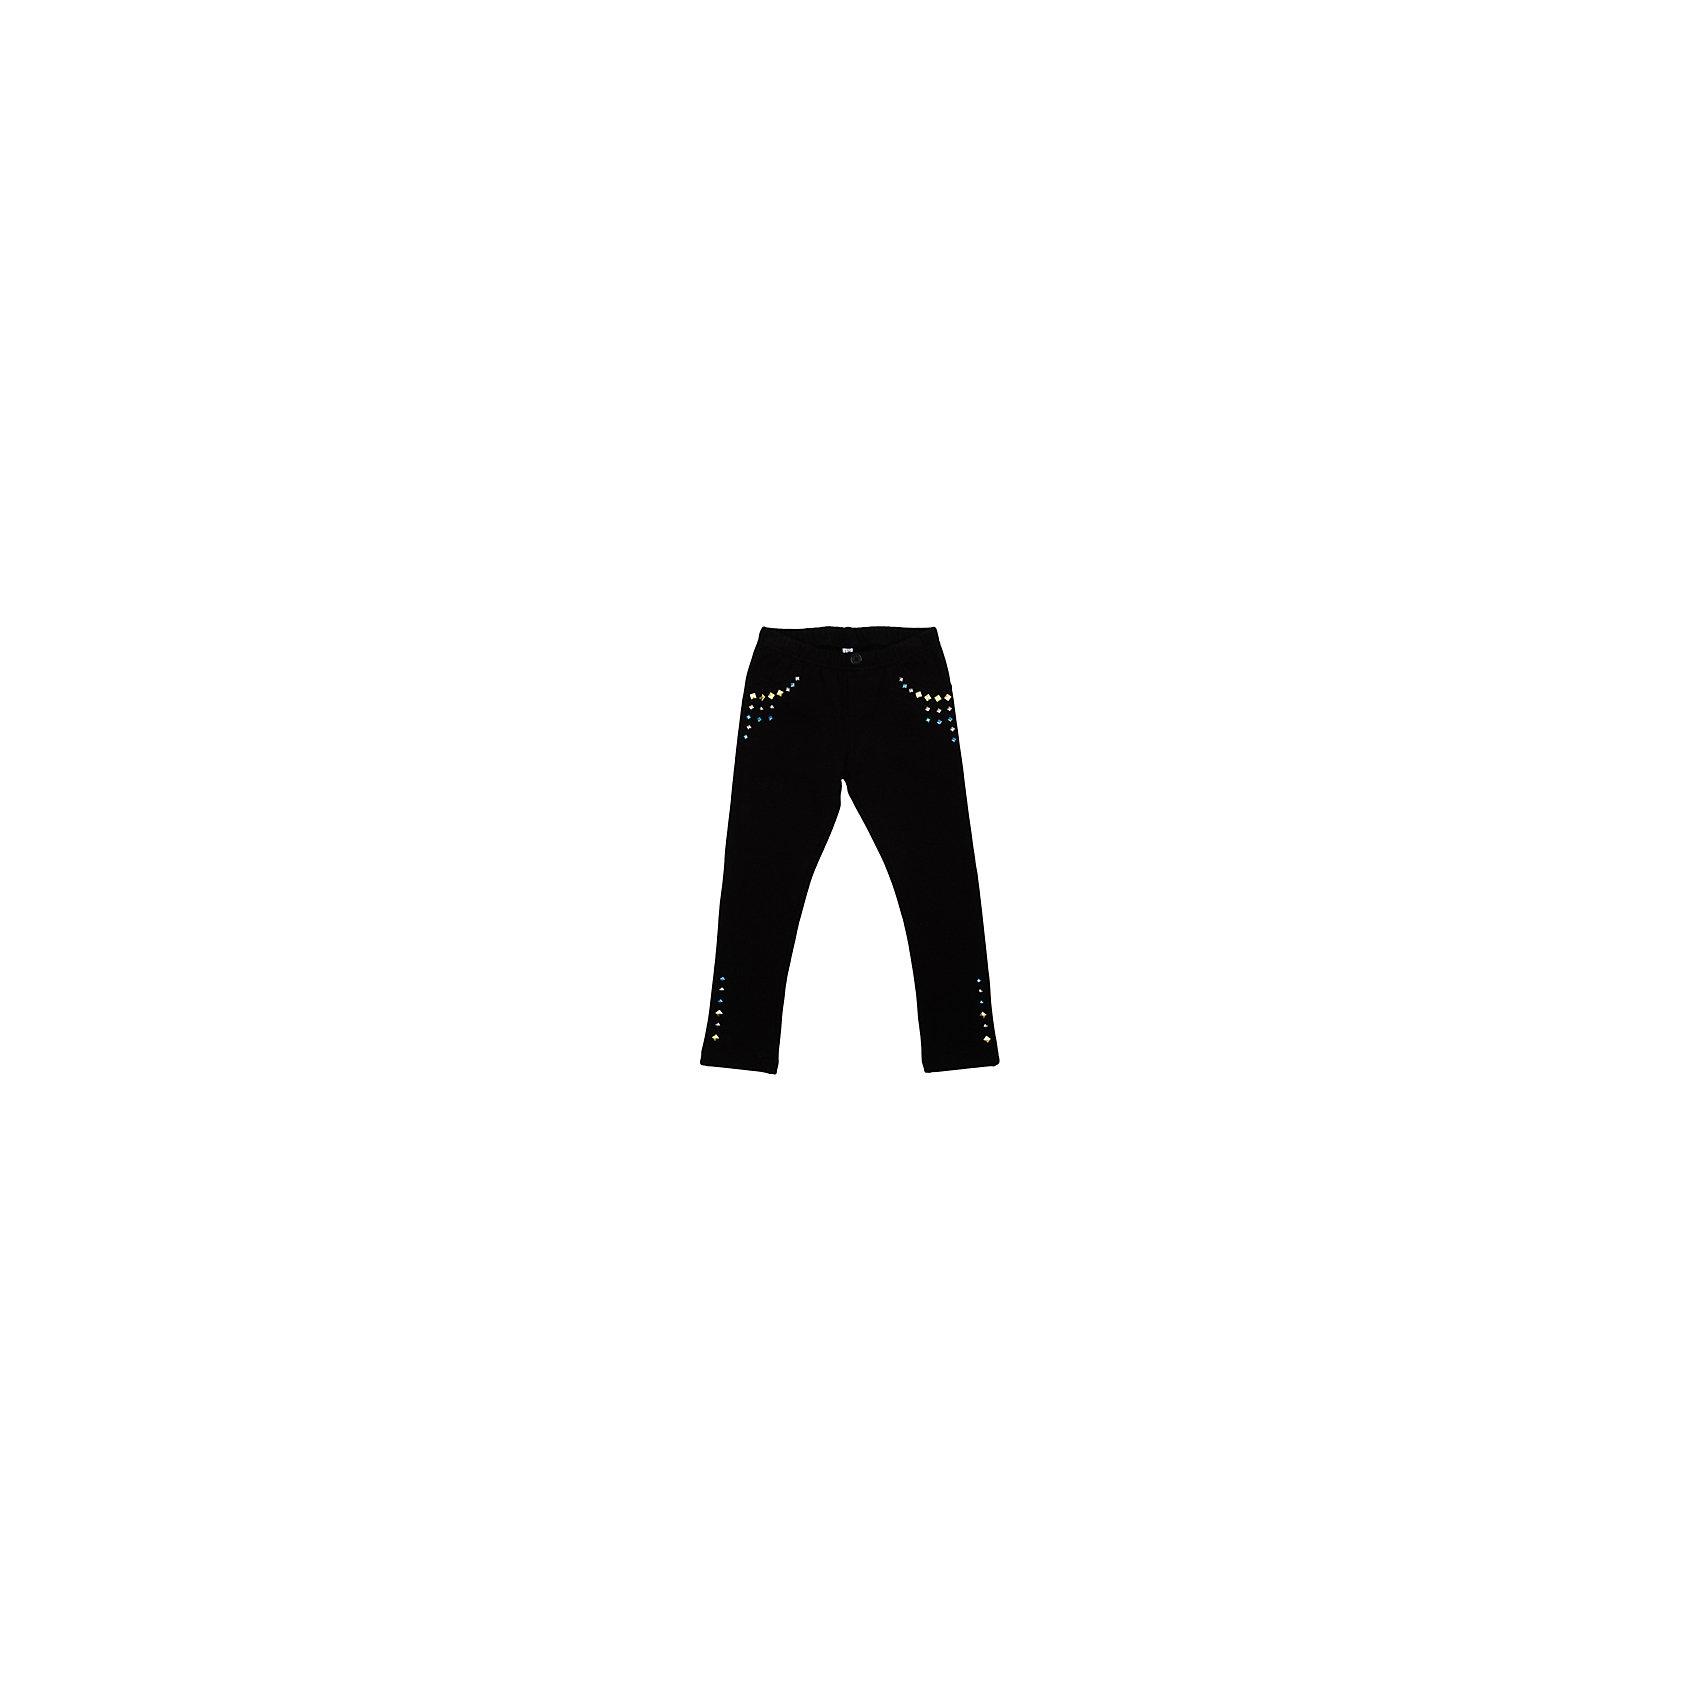 Брюки для девочки PlayTodayБрюки для девочки от известного бренда PlayToday.<br>Уютные брюки из футера с начесом. Украшены цветными метализированными стразами. Пояс на мягкой резинке.<br>Состав:<br>95% хлопок, 5% эластан<br><br>Ширина мм: 215<br>Глубина мм: 88<br>Высота мм: 191<br>Вес г: 336<br>Цвет: синий<br>Возраст от месяцев: 36<br>Возраст до месяцев: 48<br>Пол: Женский<br>Возраст: Детский<br>Размер: 104,122,128,110,116,98<br>SKU: 4897180